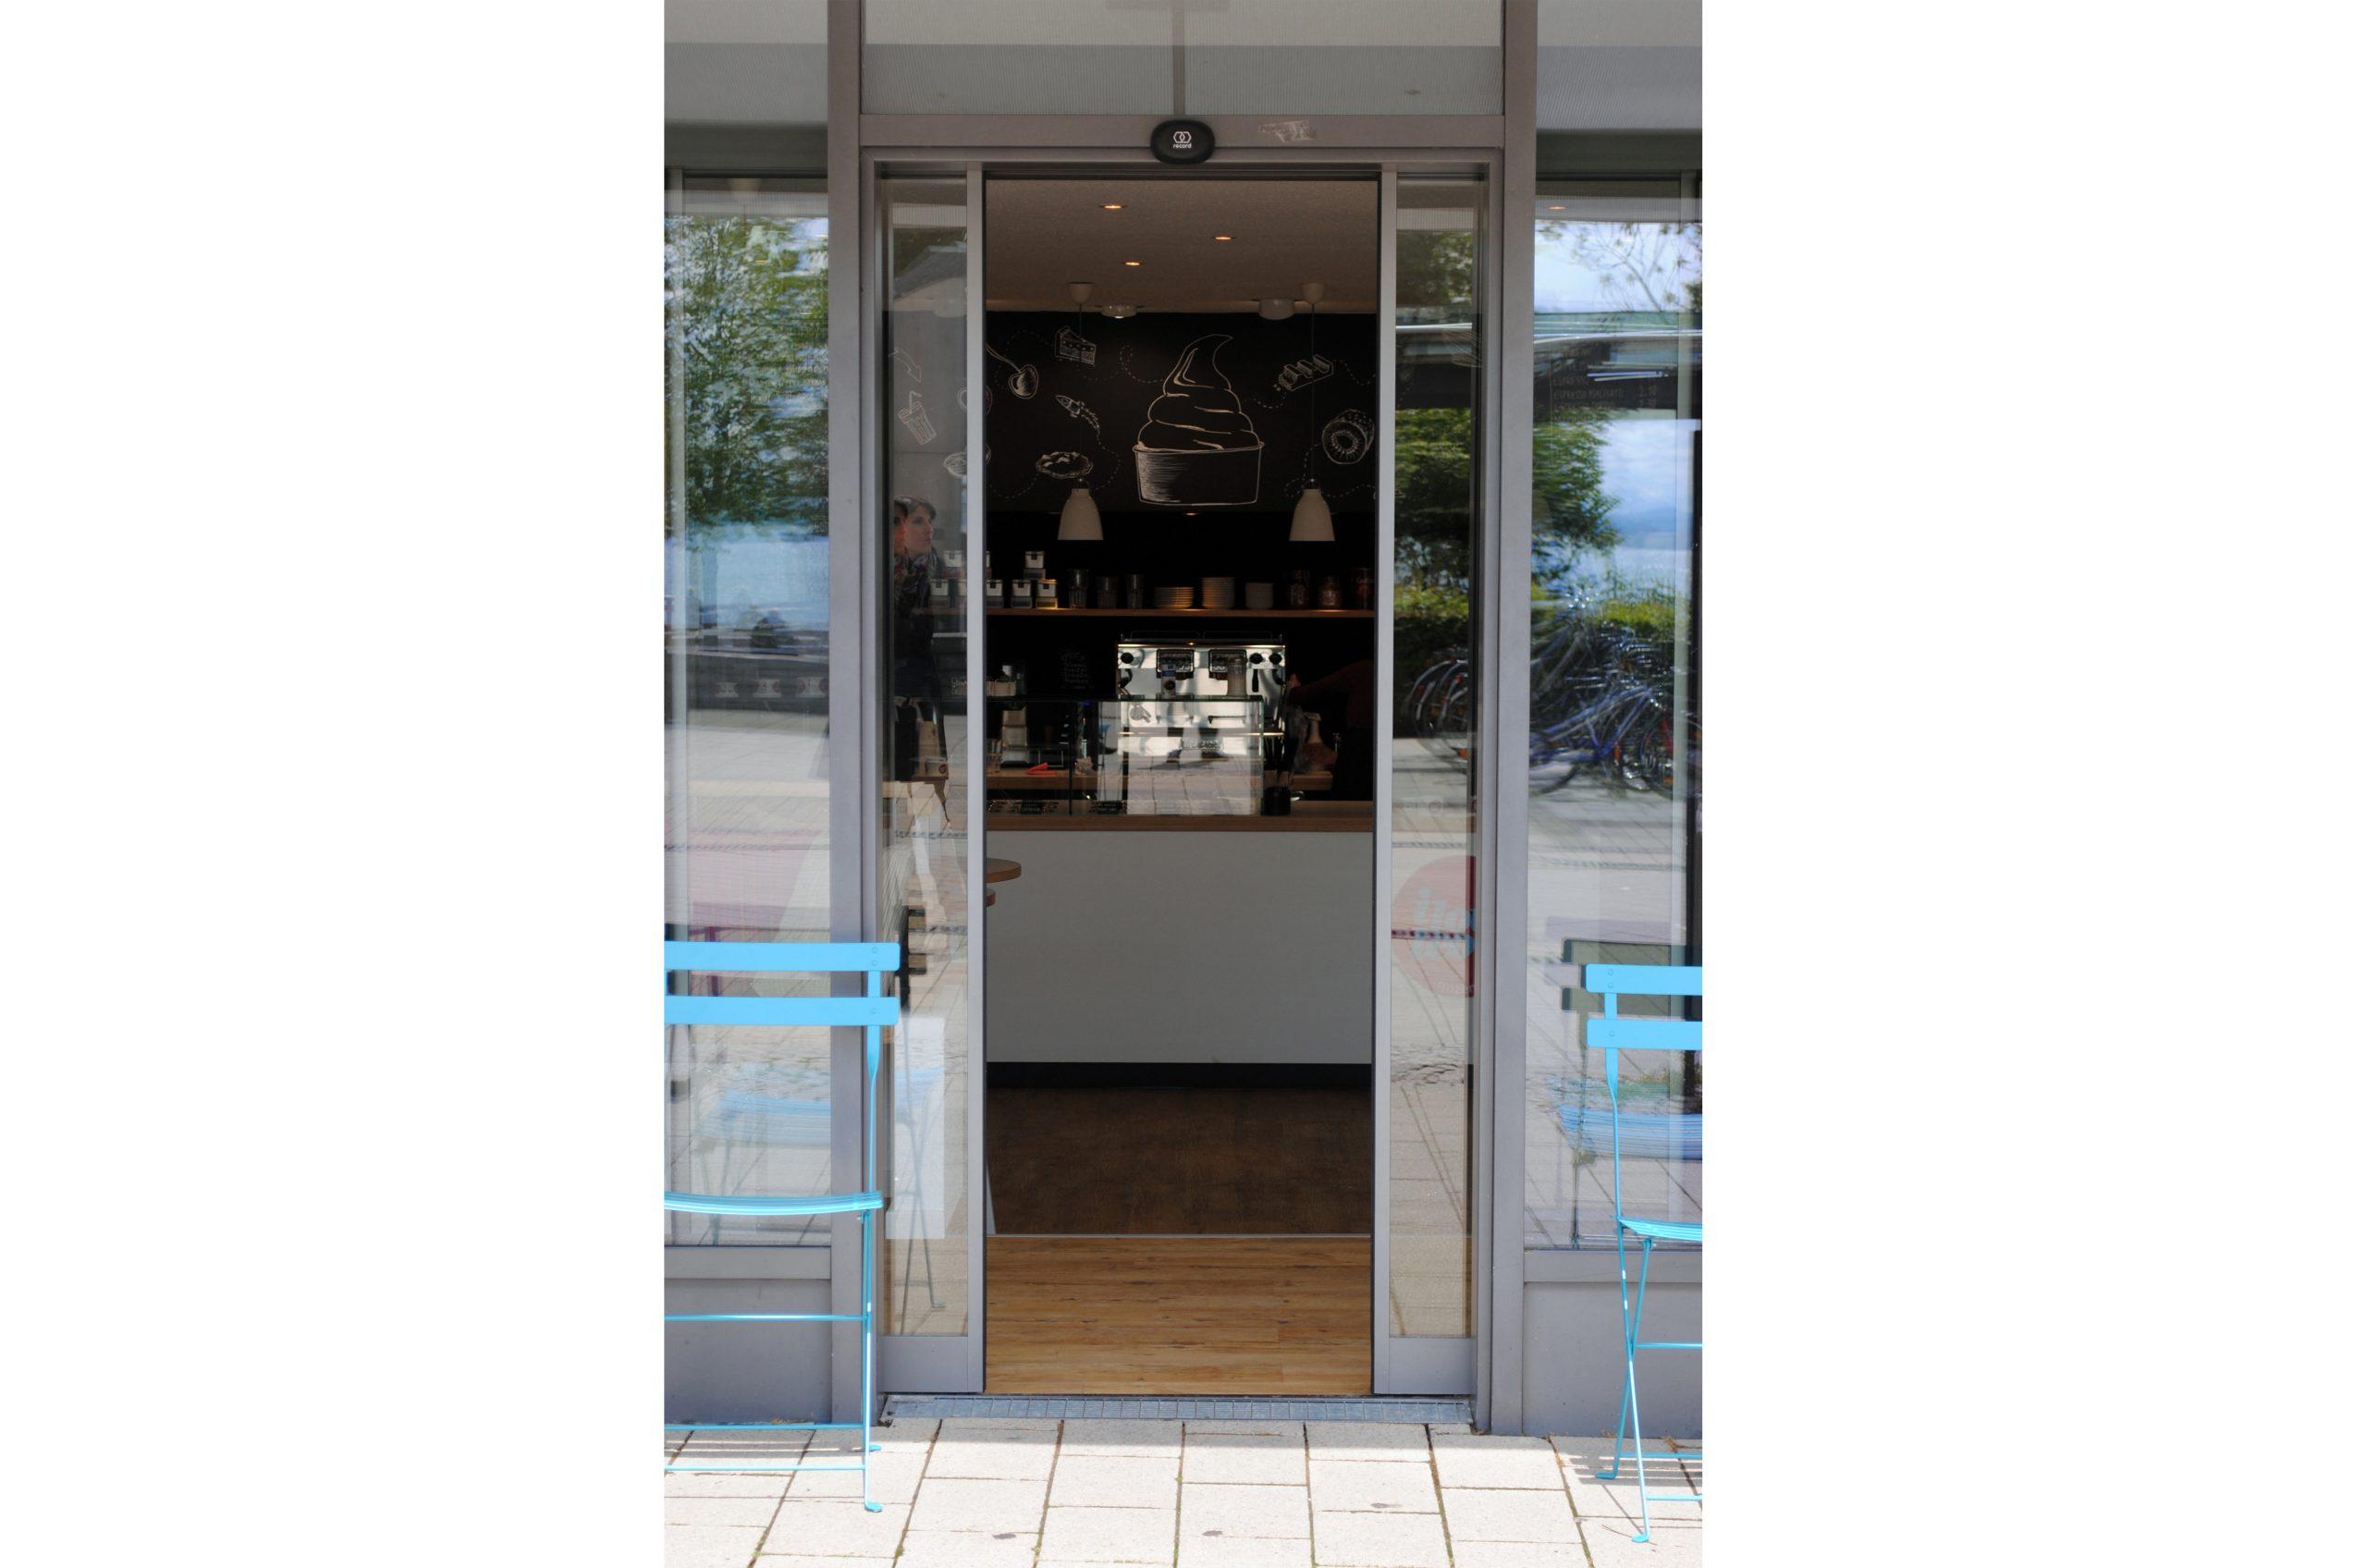 jacob-mayer-voigt-architekt-interior-design-architektur-design-hochbau